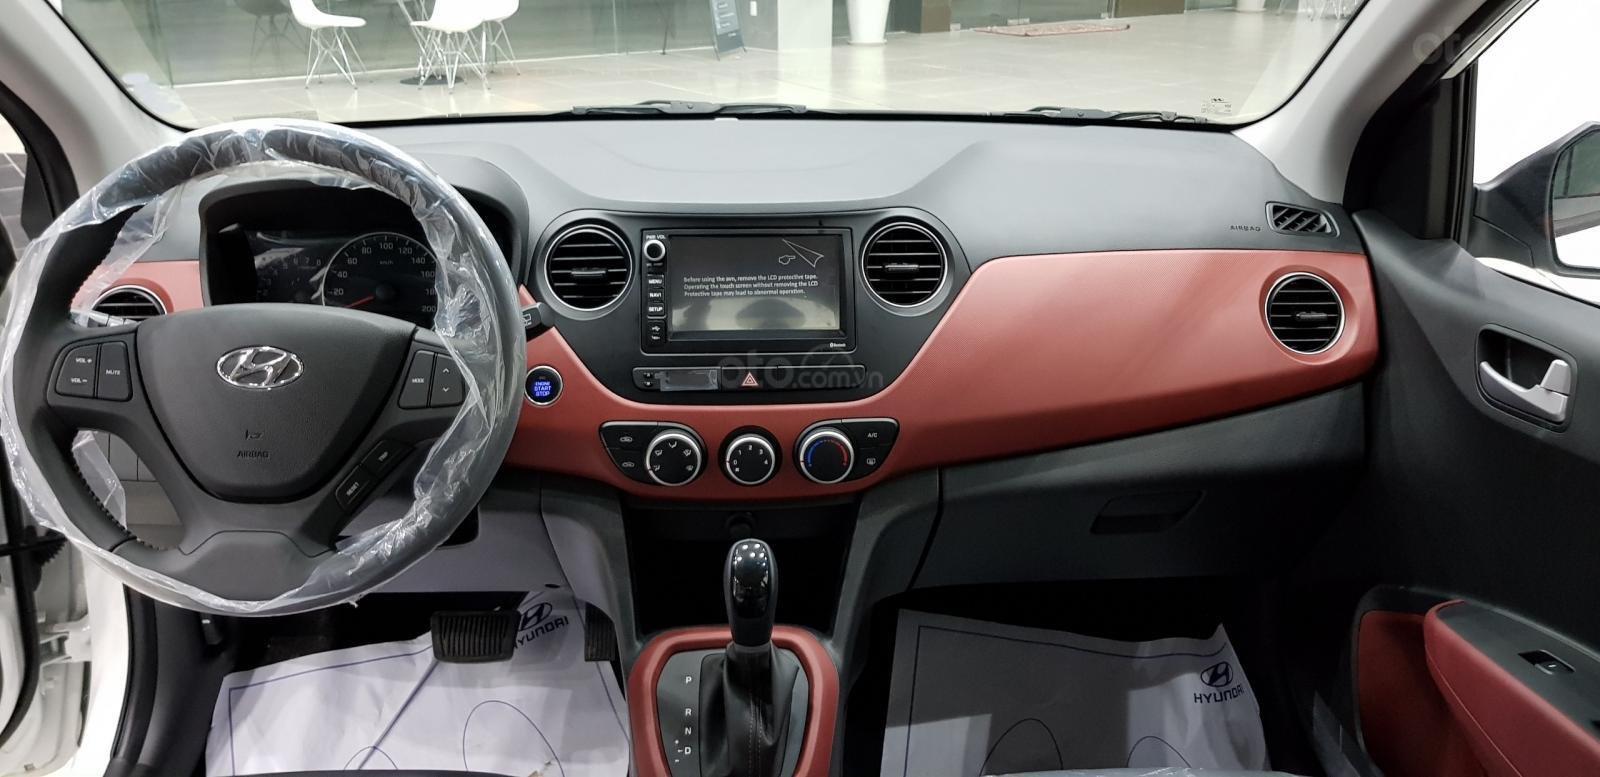 Bán Hyundai i10 hatchback, sản xuất 2019, có giao ngay, giá cạnh tranh, đủ màu, LH 0971626238 (13)